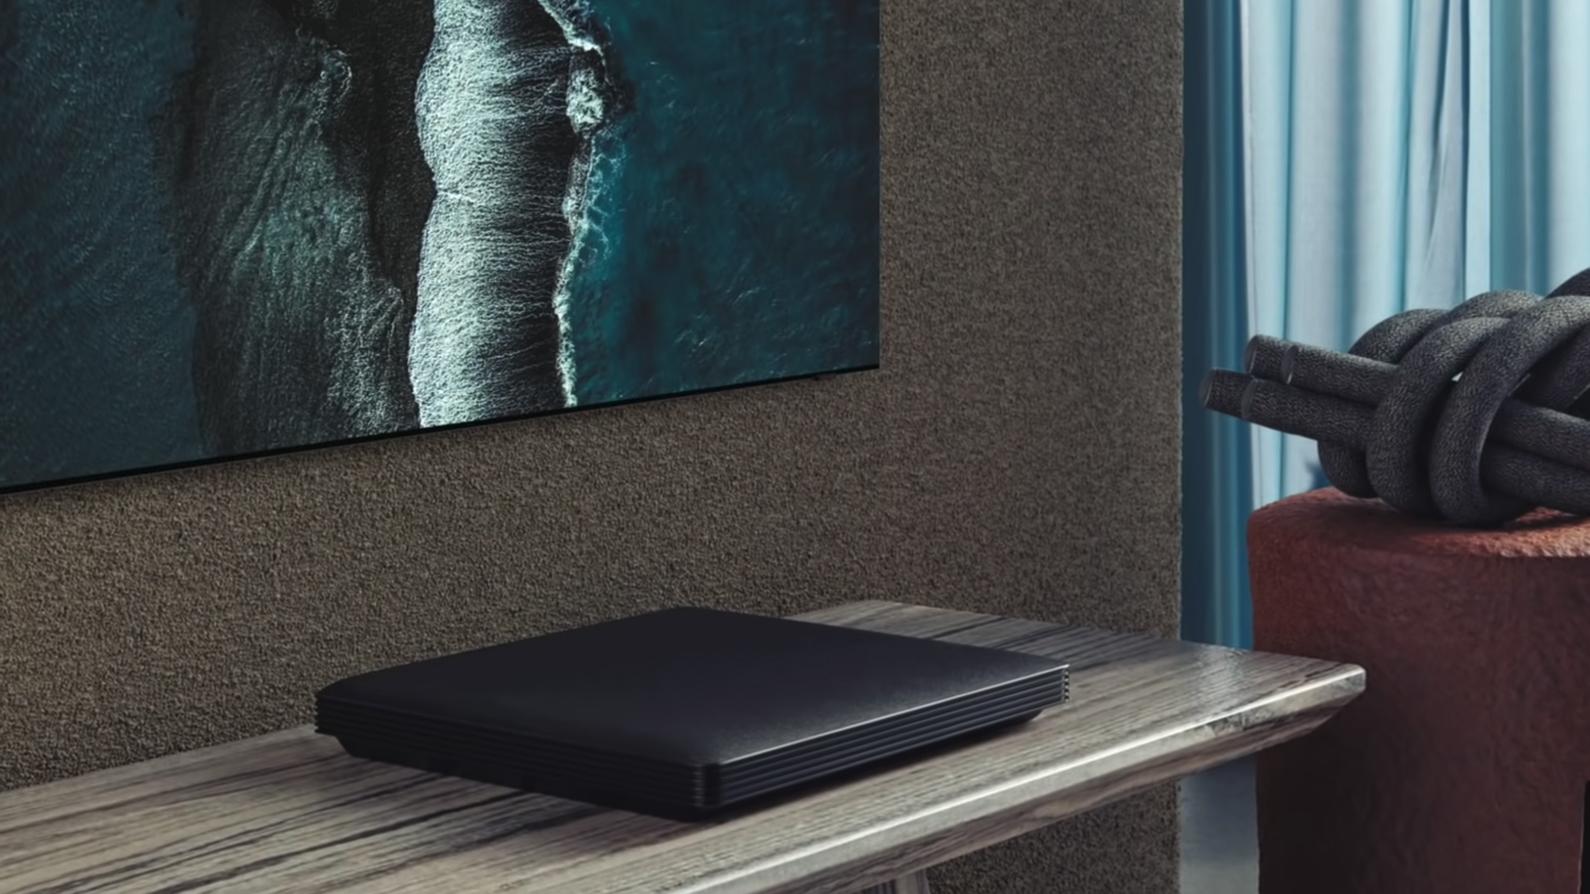 Caja de conexión Samsung Slim One